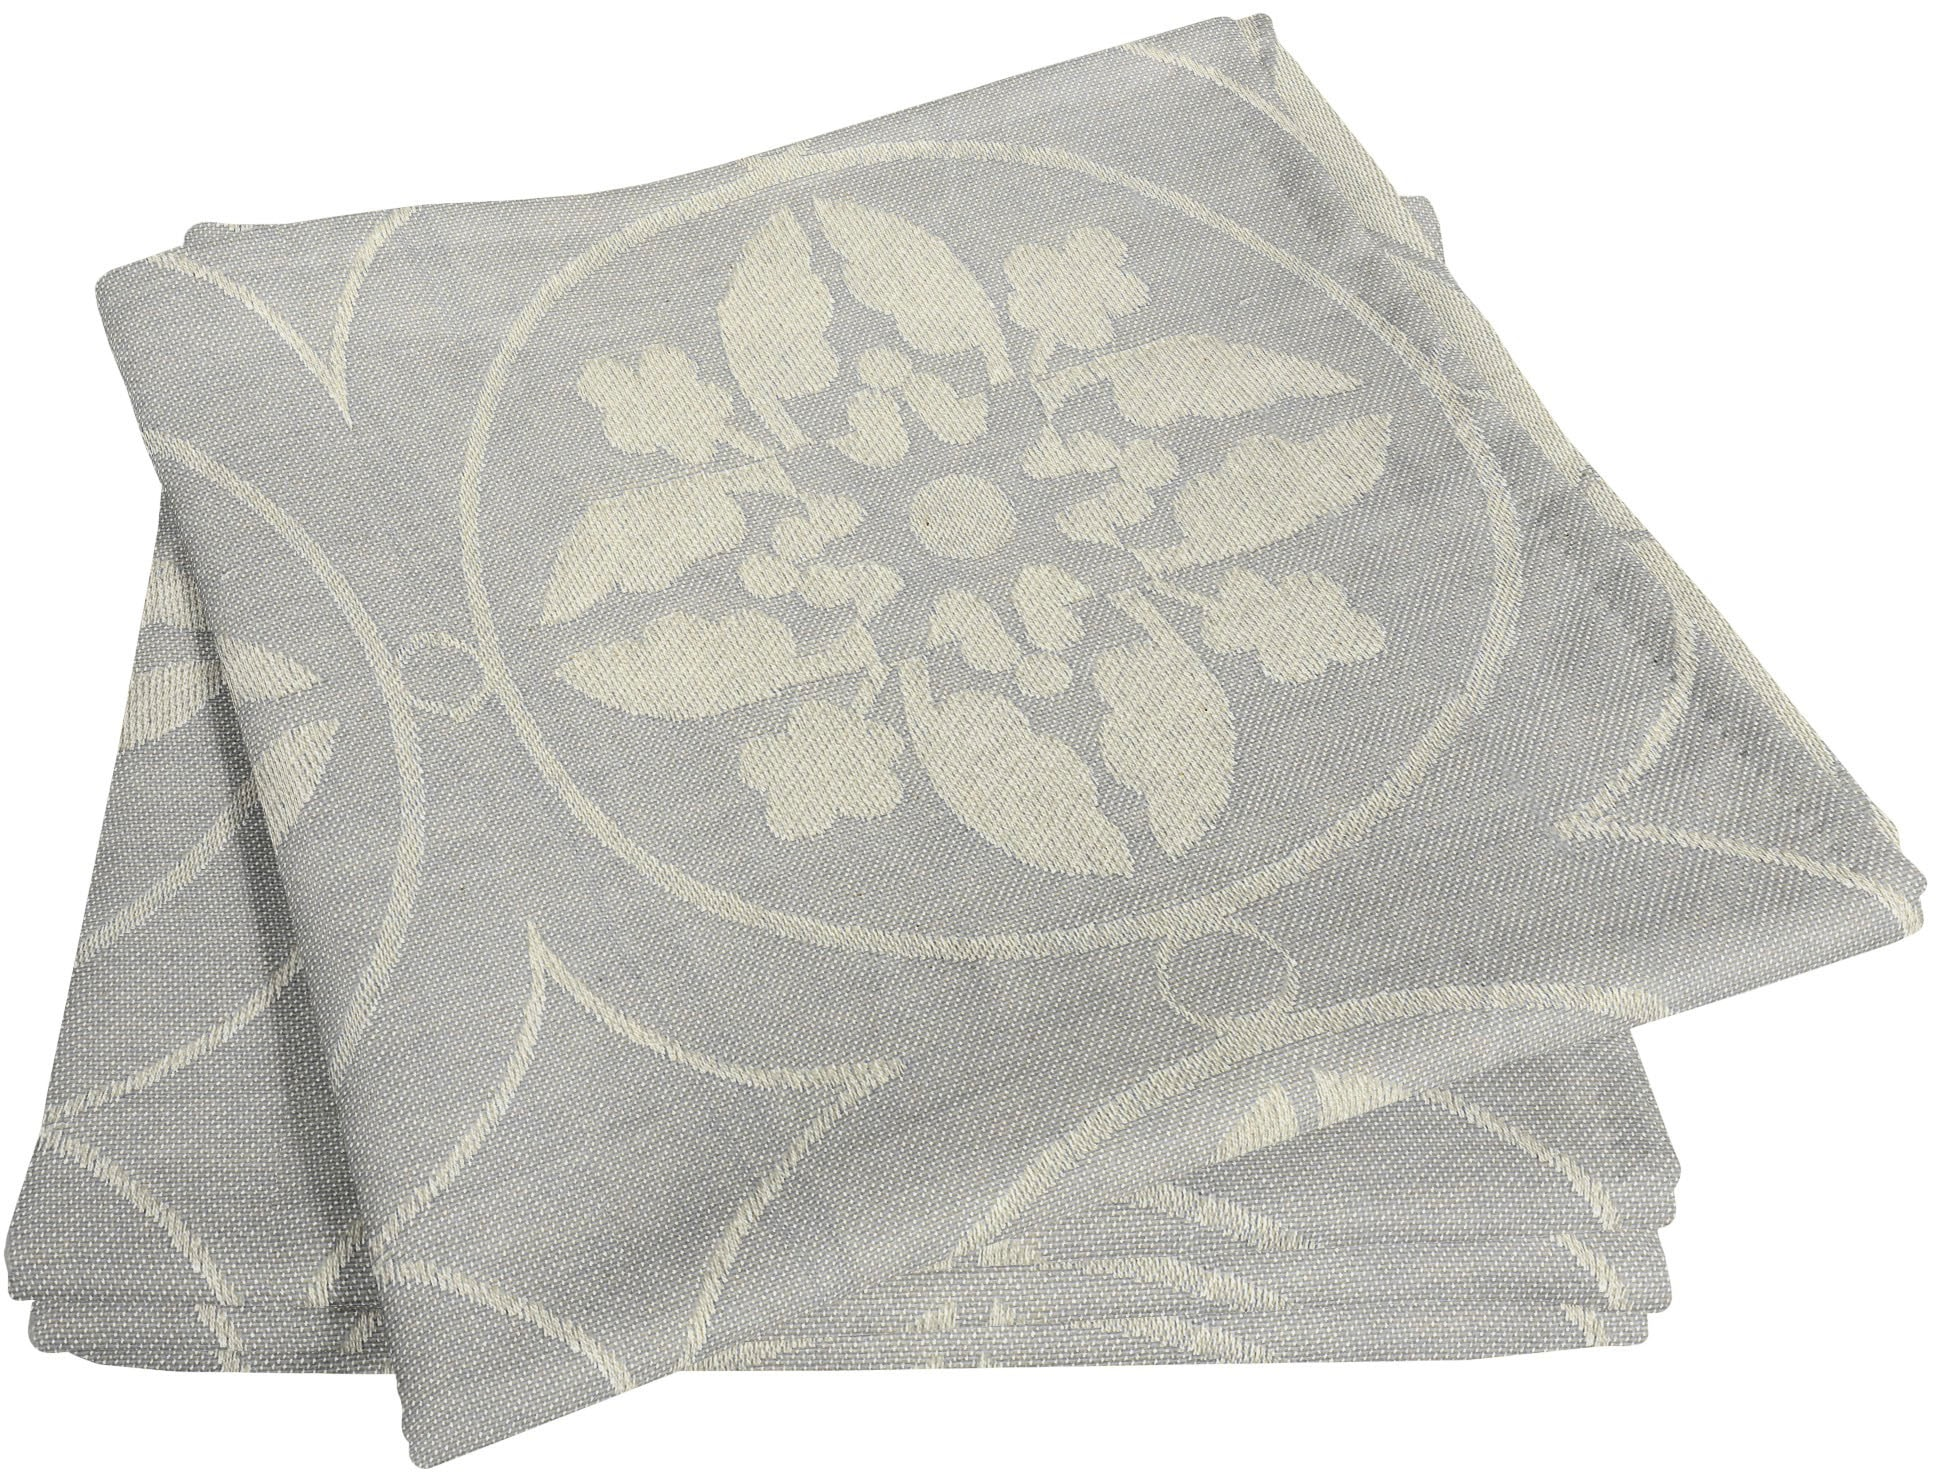 Adam Stoffserviette Romantic Puligny Light, (4 St.), nachhaltig, GOTS zertifiziert grau Stoffservietten Tischwäsche